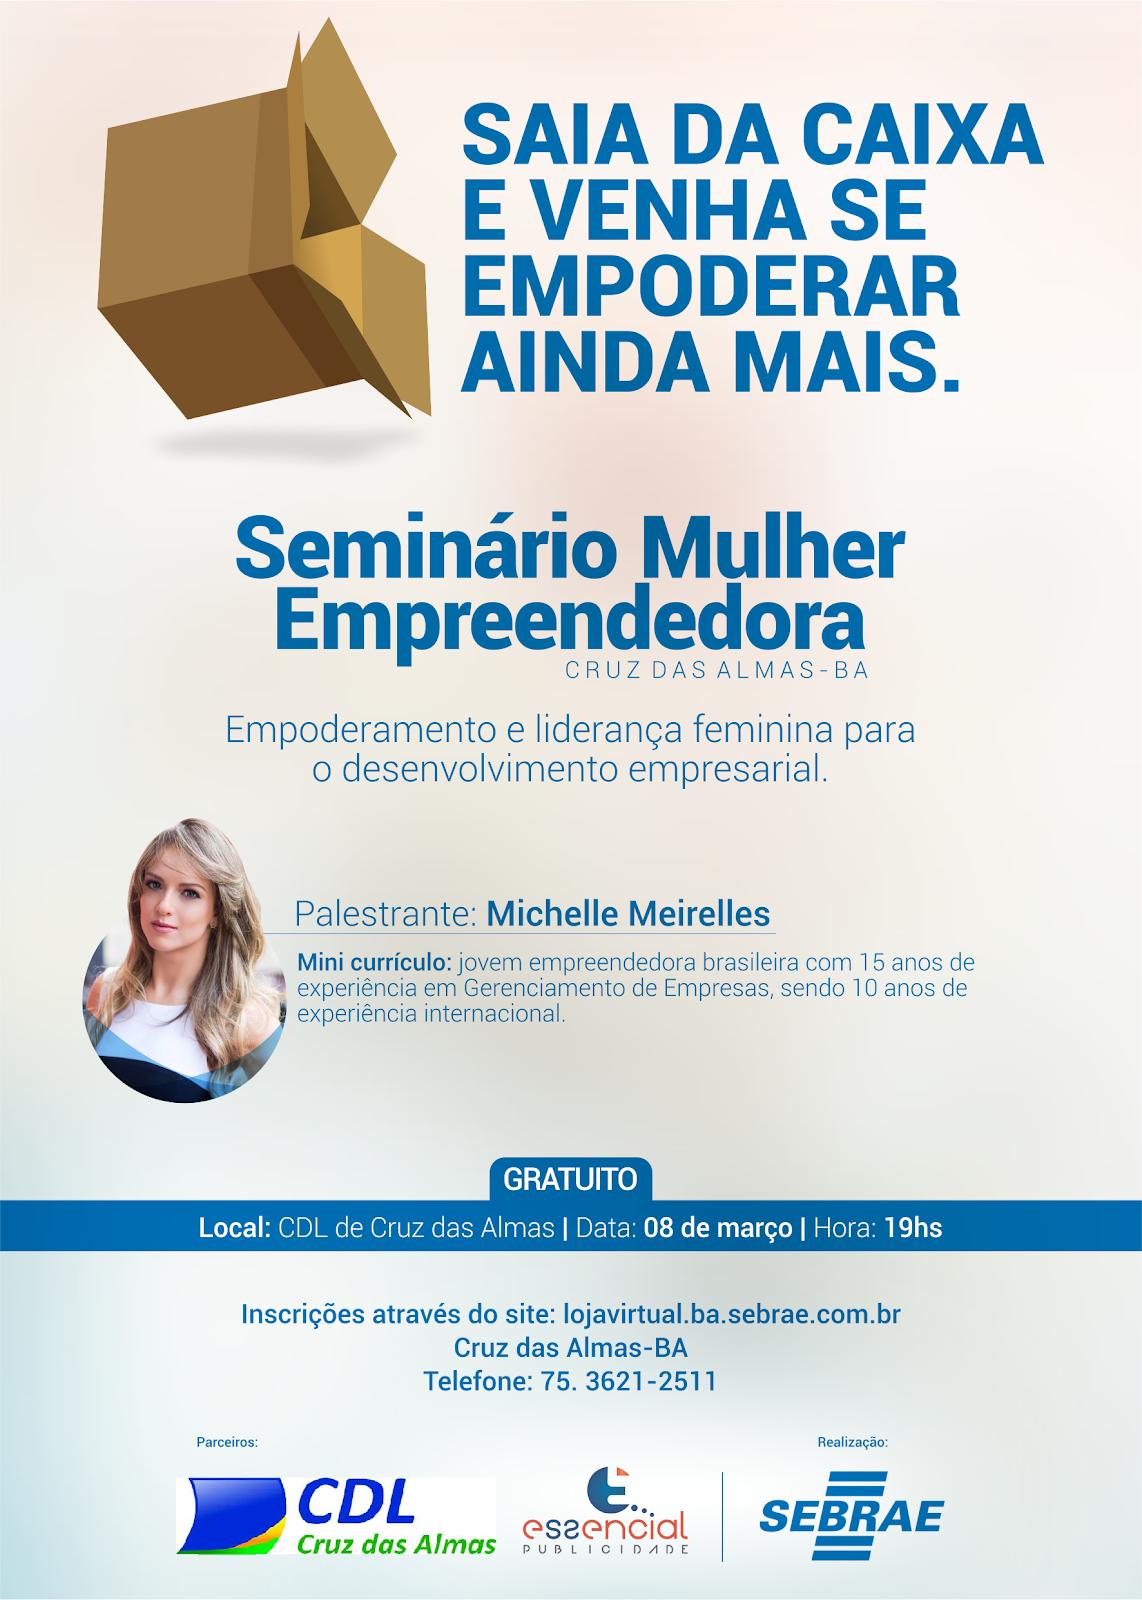 Seminário mulher empreendedora